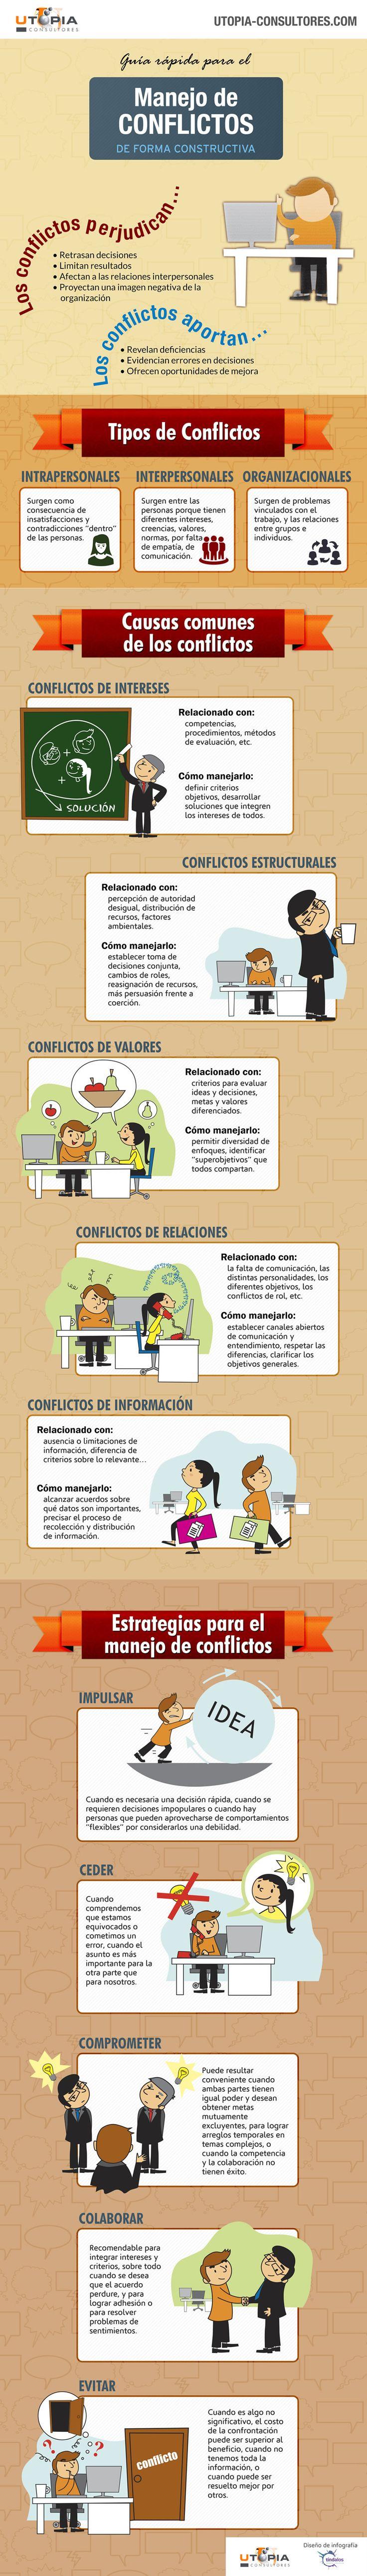 Guía rápida para el manejo de conflictos Por: utopia-consultores.com #infografia #infographic